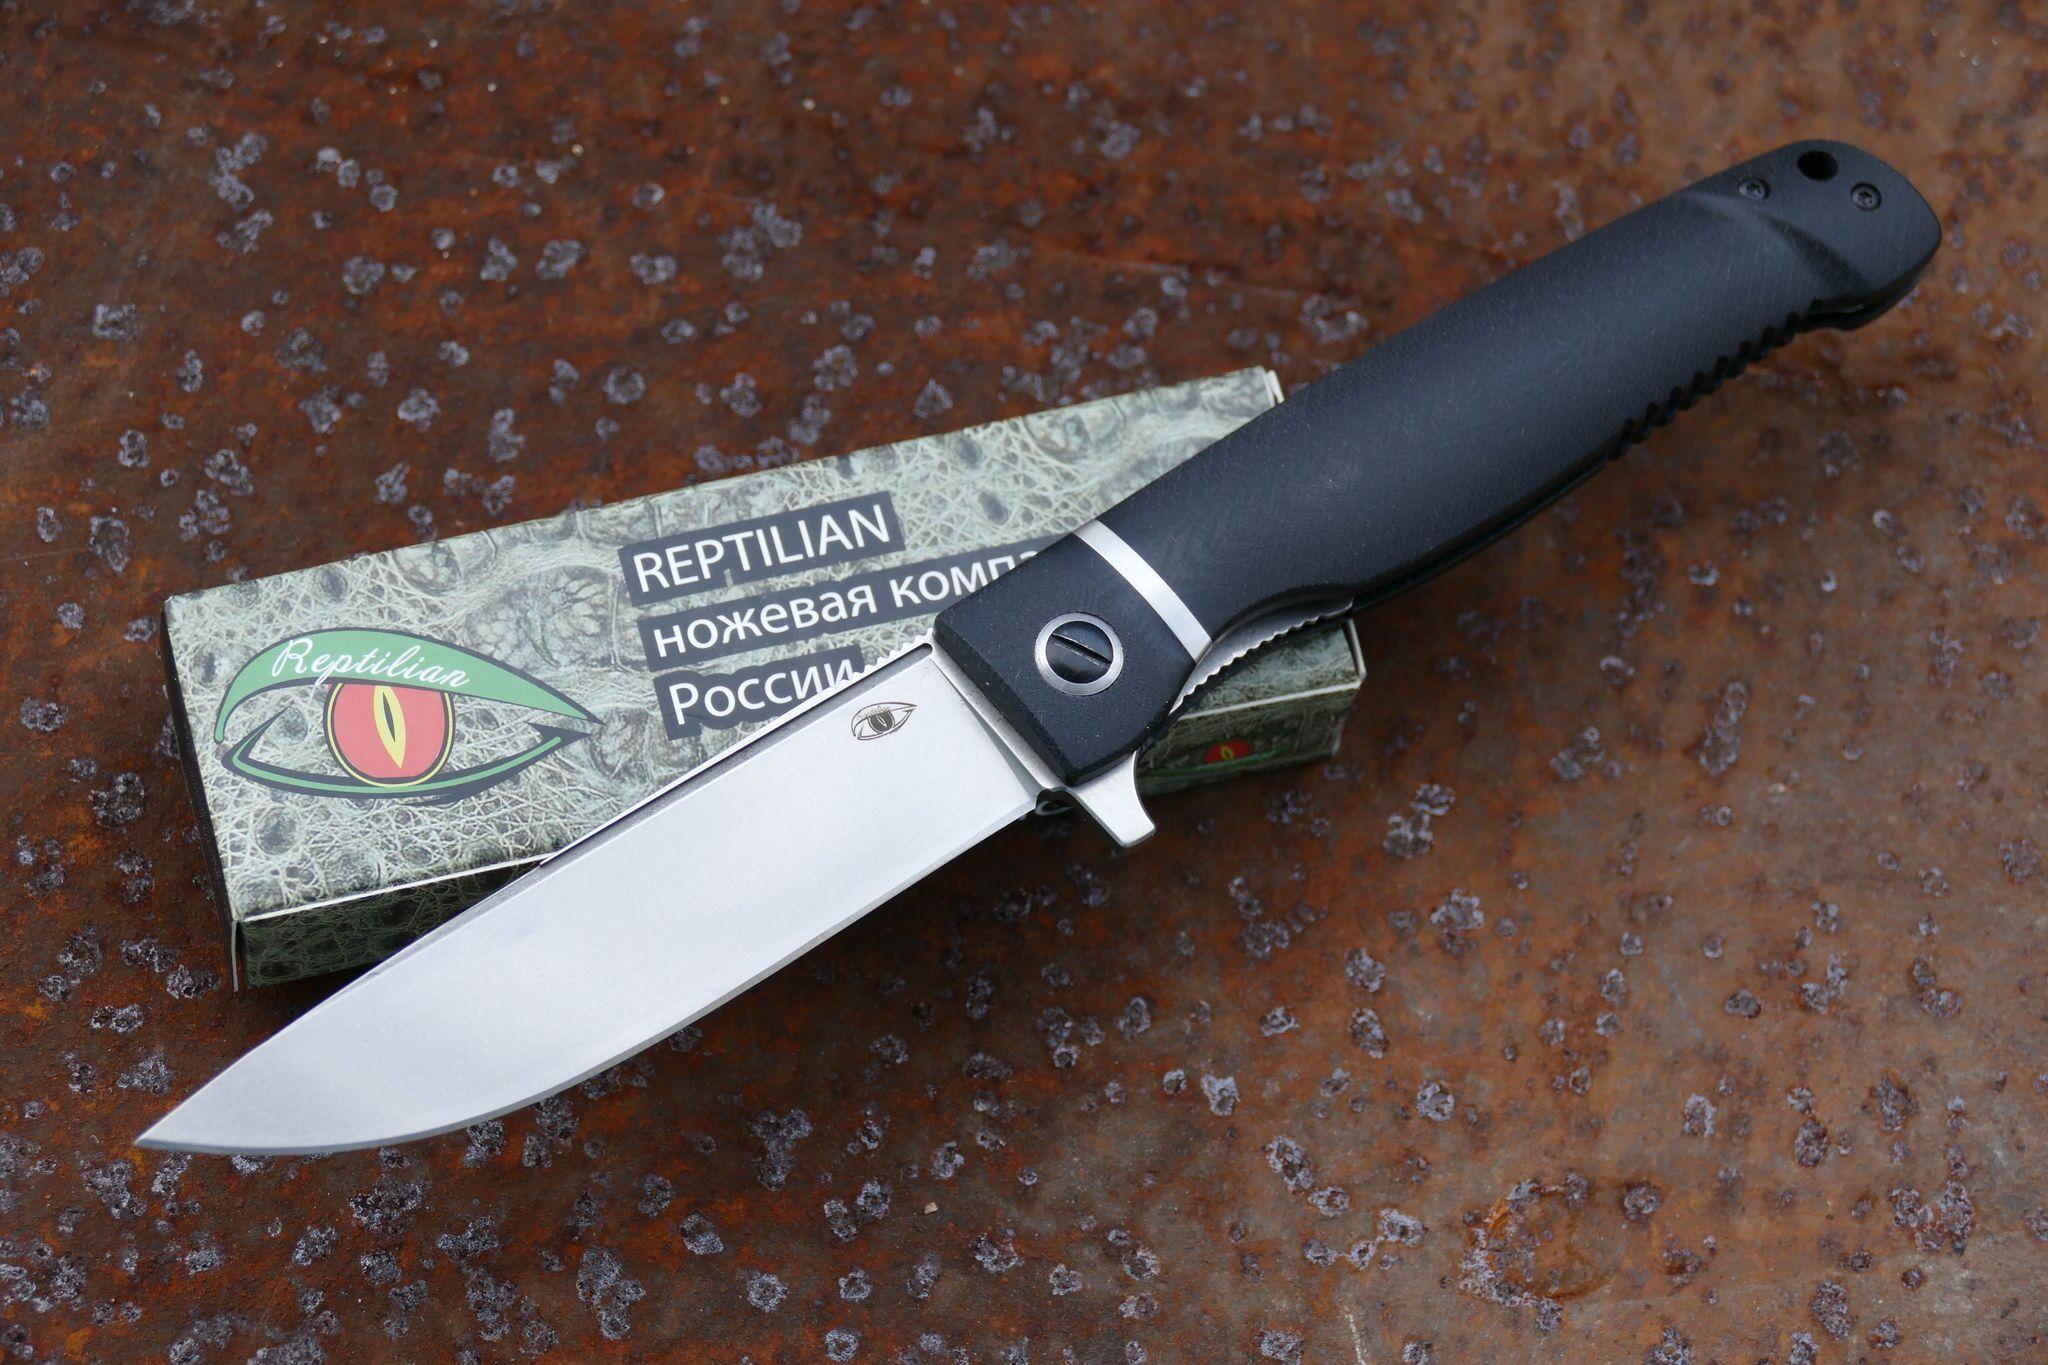 Складной нож Карат 1 от Reptilian